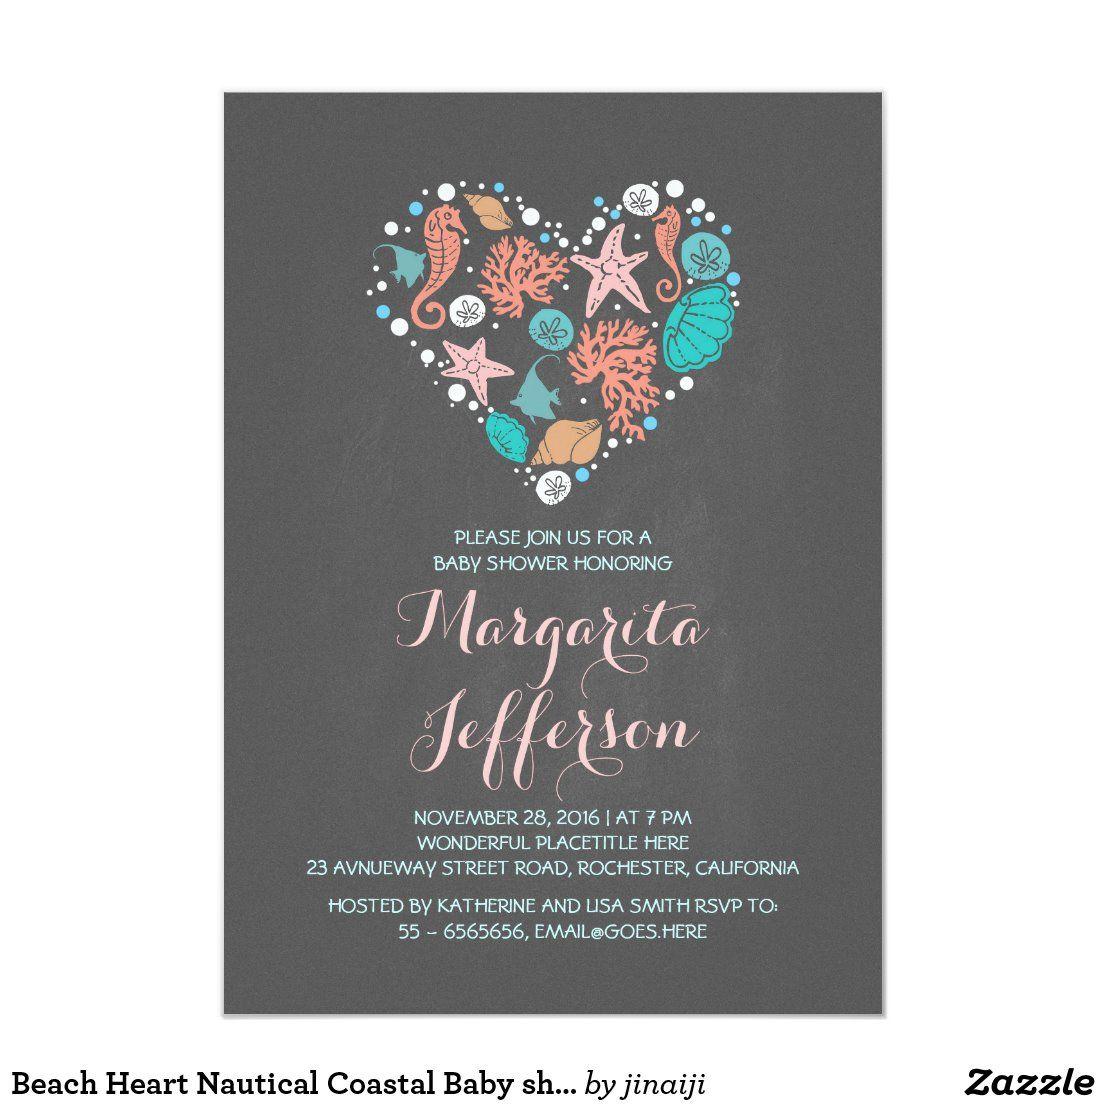 Beach Heart Nautical Coastal Baby shower Invitation ...